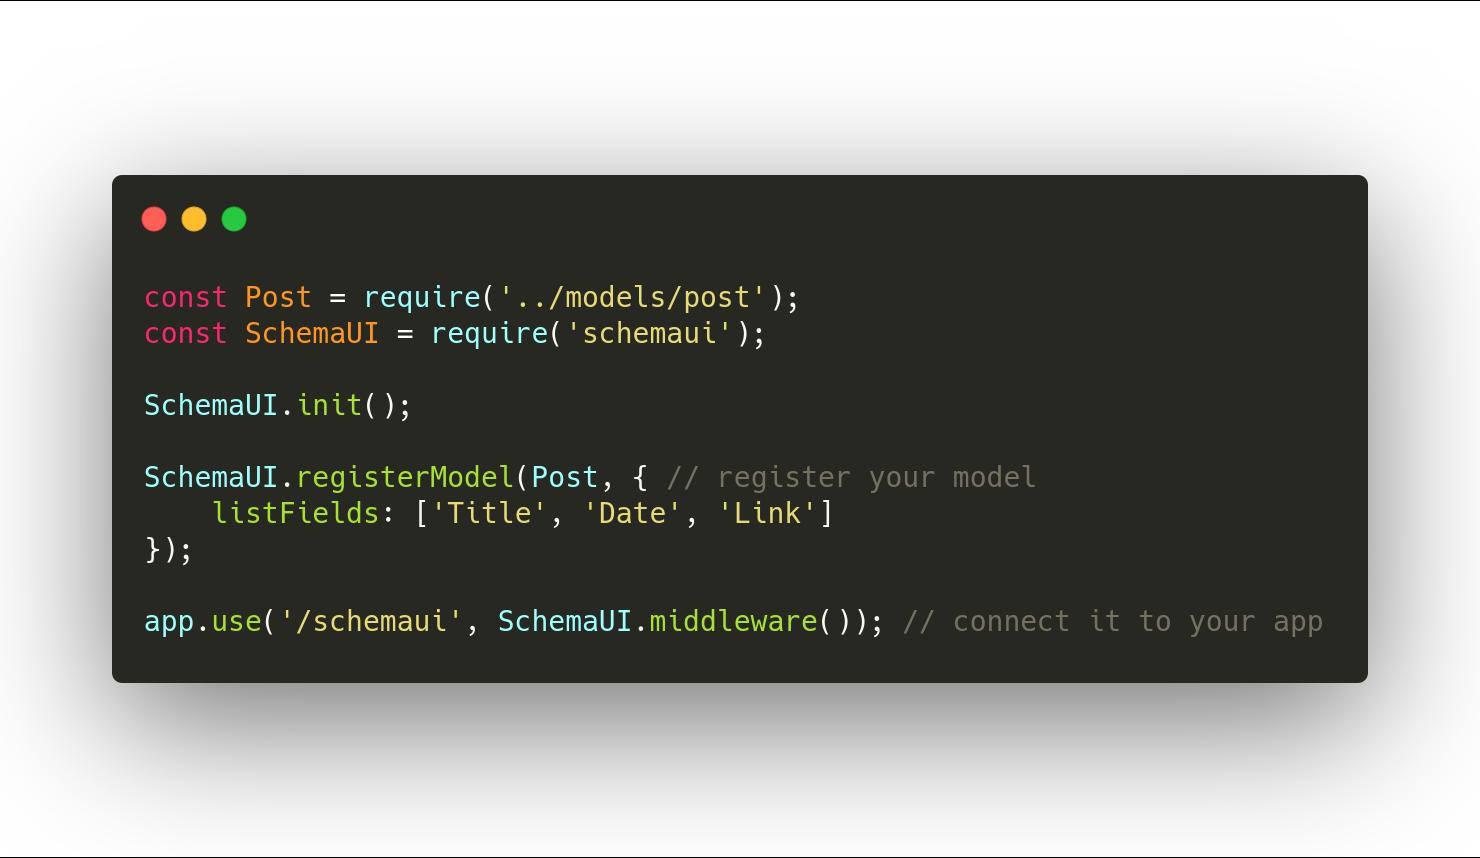 Schema UI code